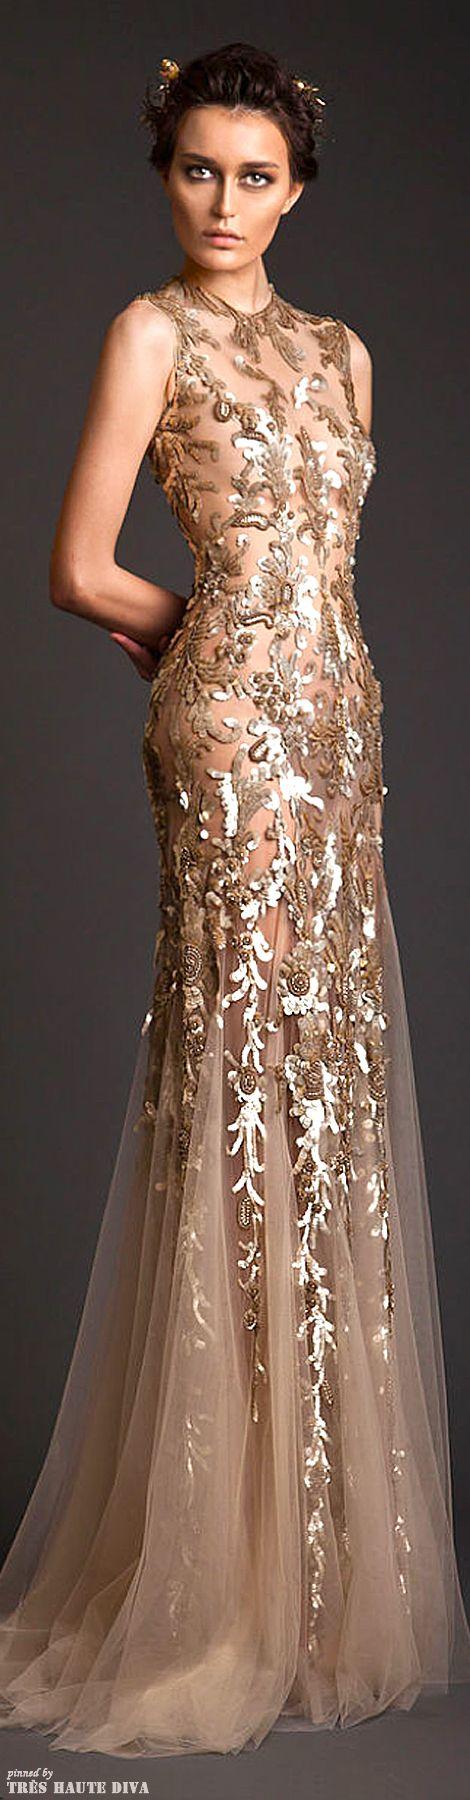 Krikor Jabotian Couture S/S 2014 <> @kimludcom <> www.kimlud.com